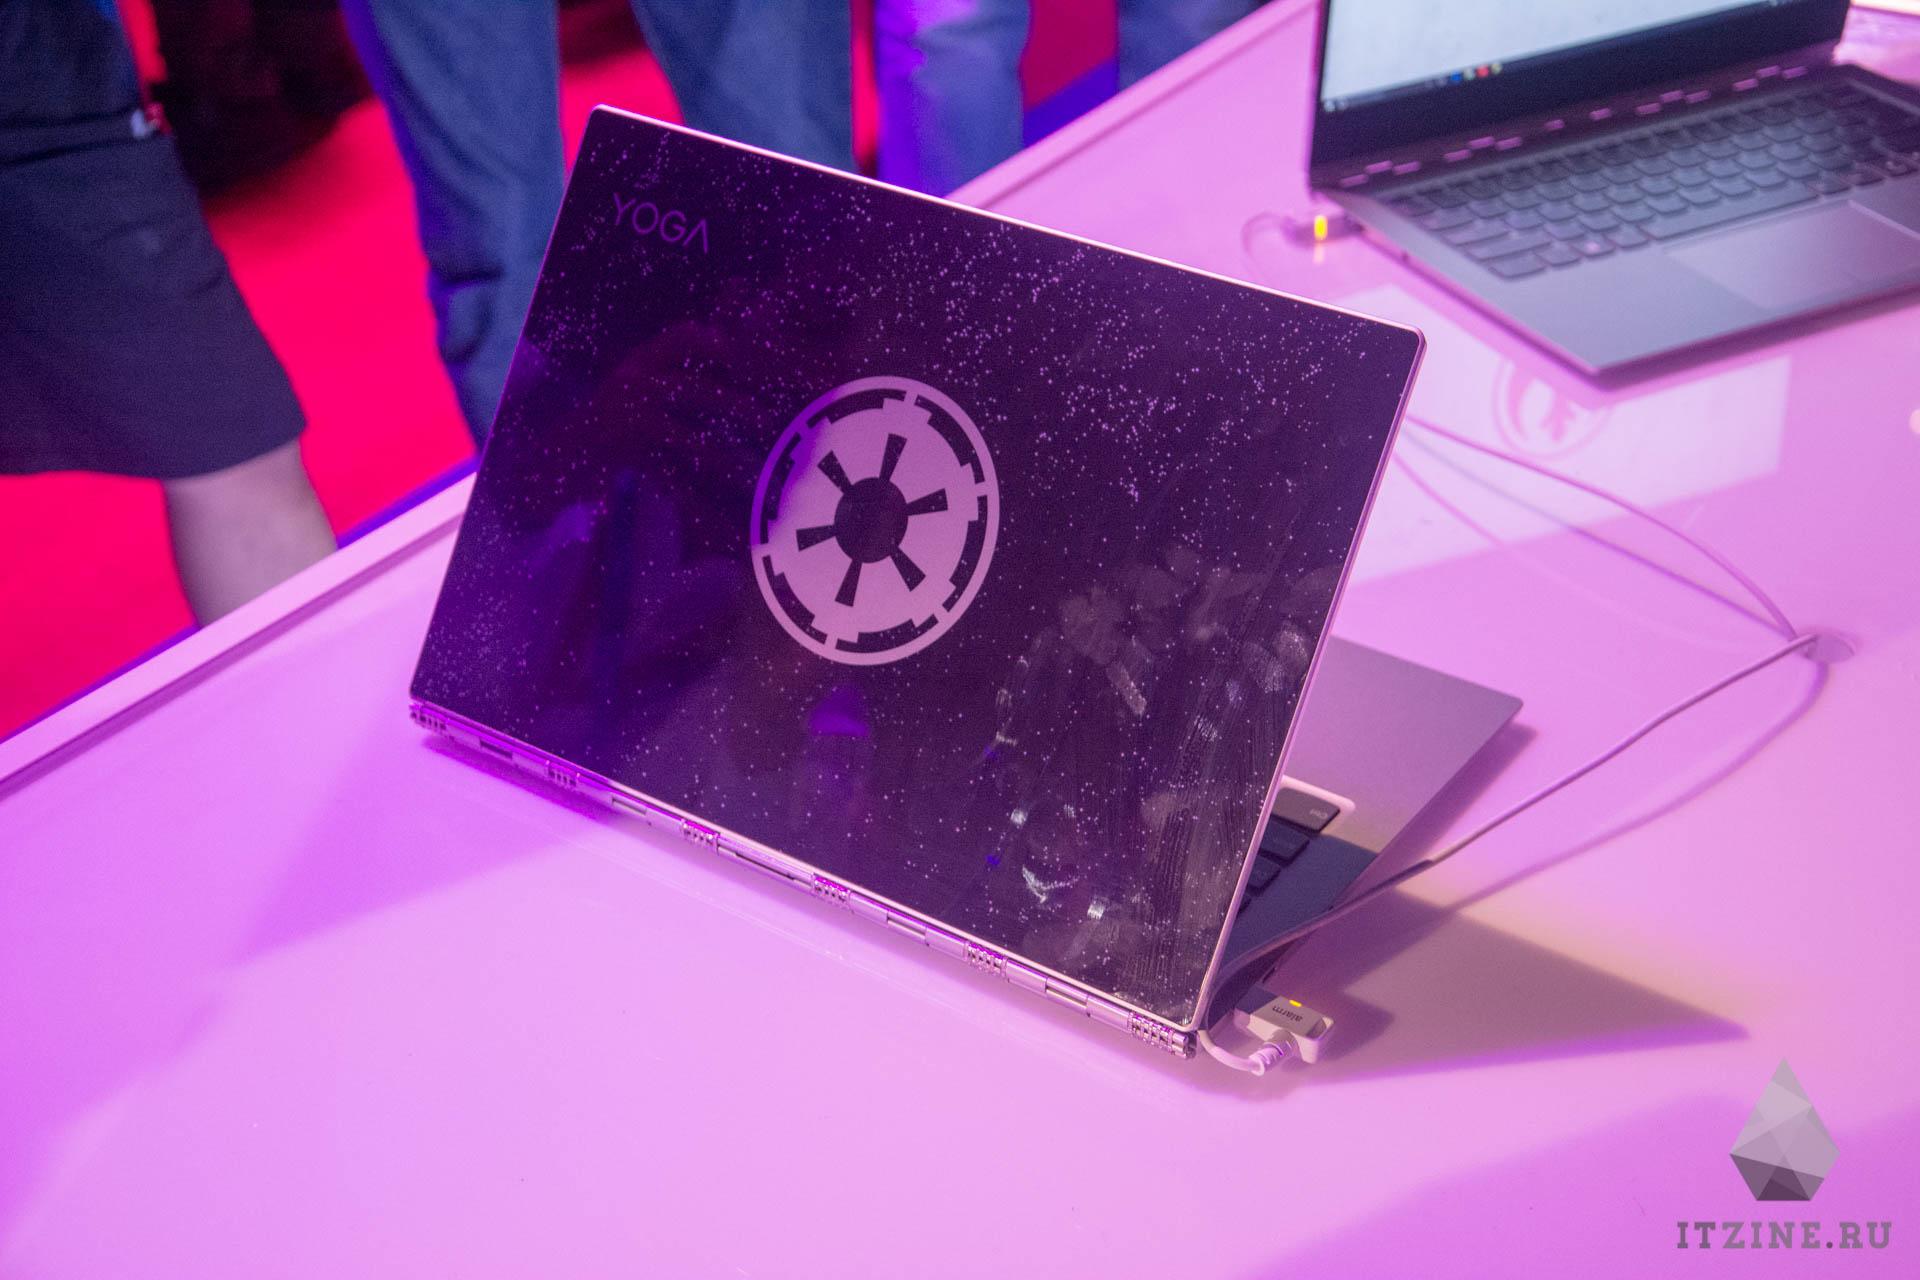 IFA 2017. Lenovo представила ноутбук Yoga 920 и его специальные издания со Star Wars (DSC 4804 2)